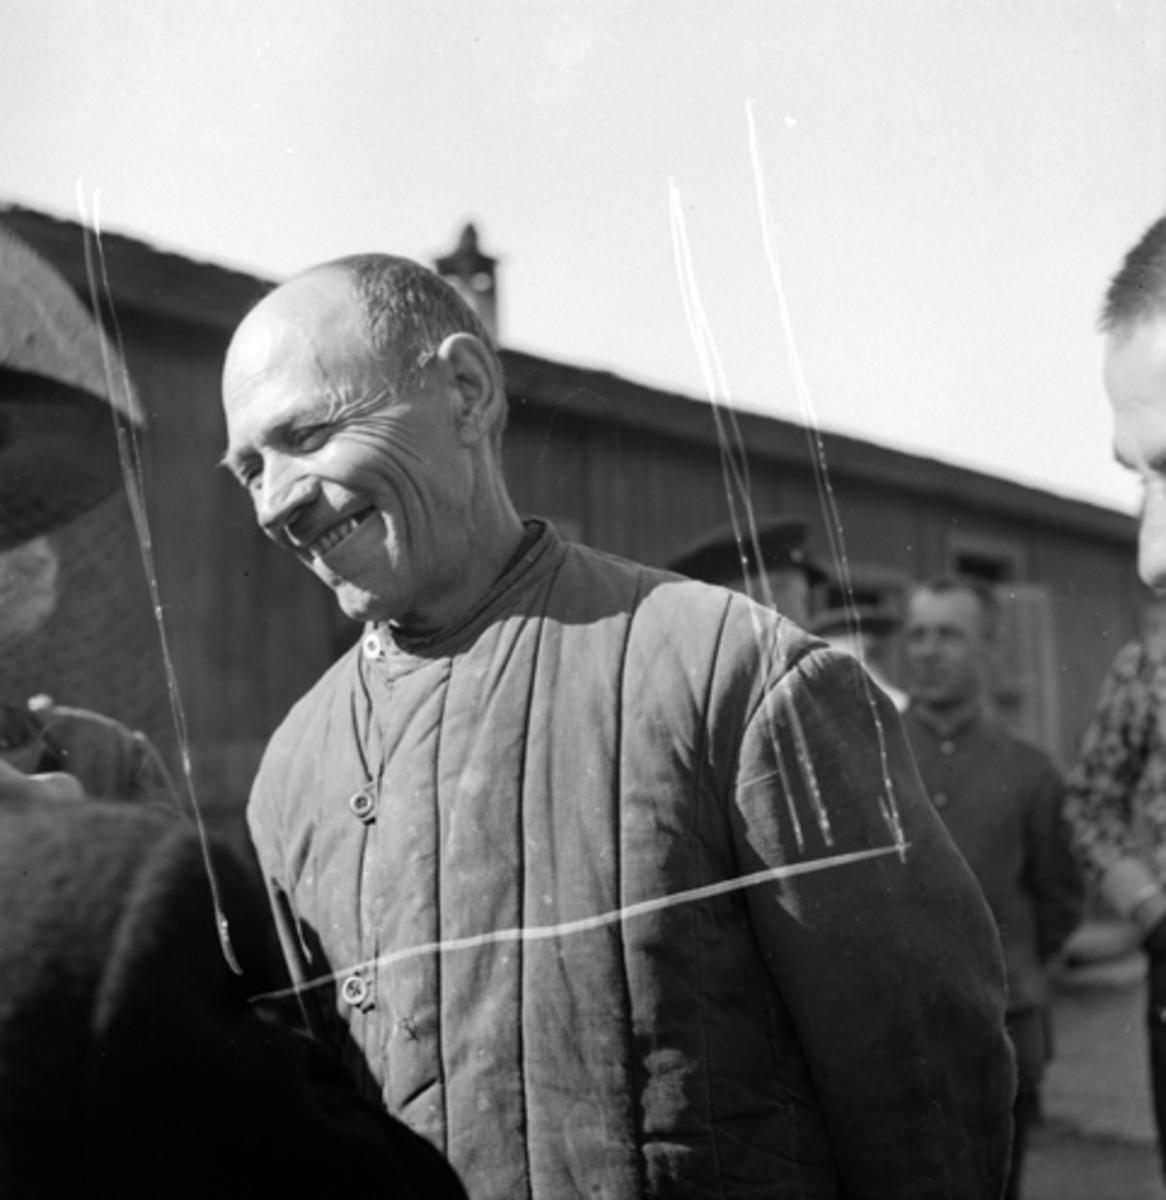 FREDSDAGENE I HAMAR, MAI 1945, UKJENT RUSSISK KRIGSFANGE.